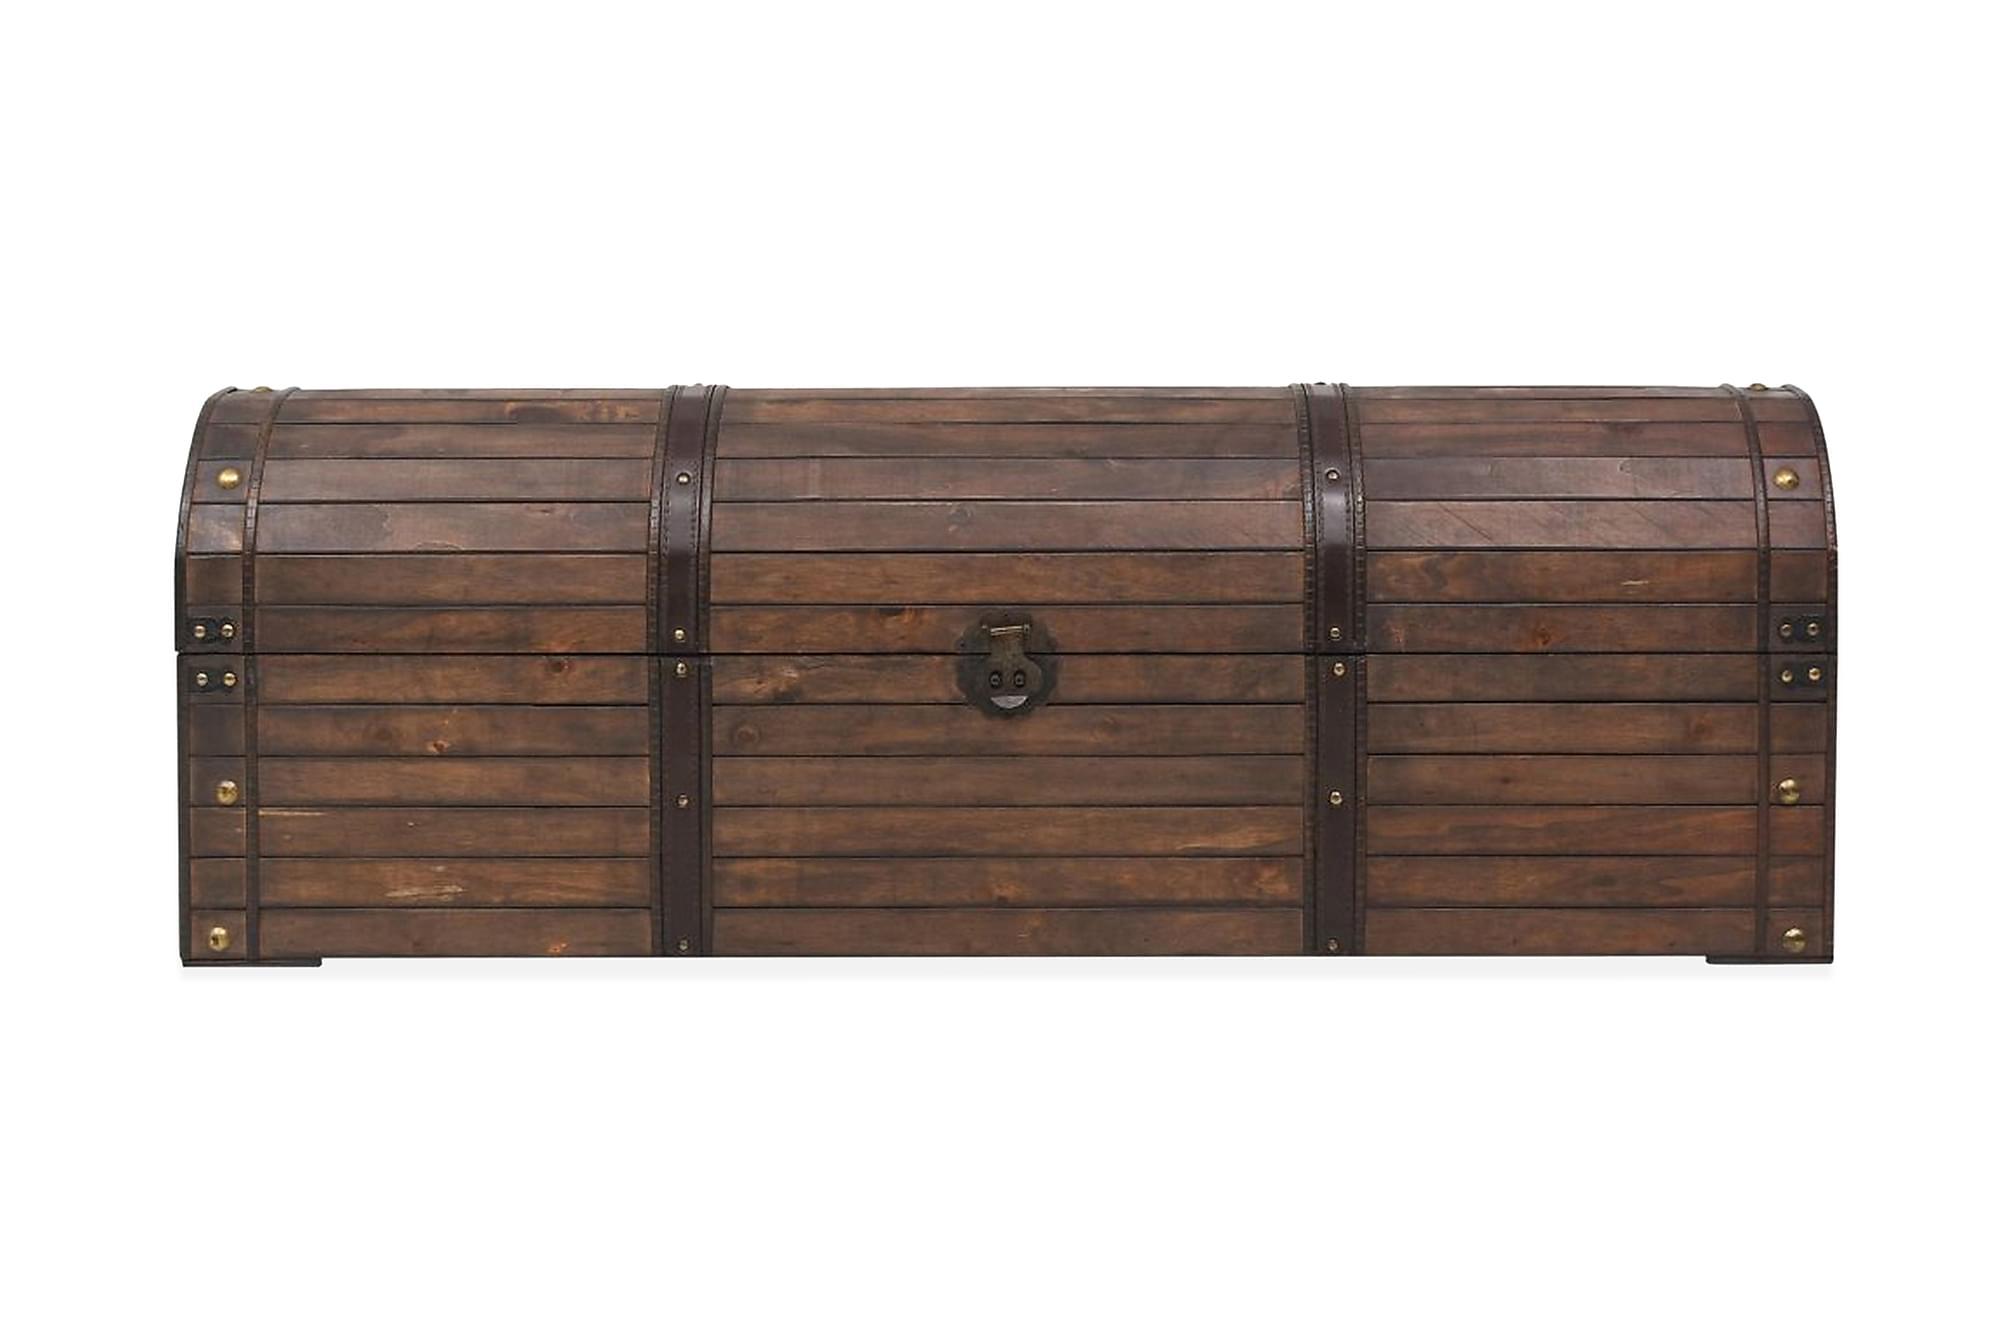 Förvaringskista massivt trä vintagestil 120x30x40 cm, Sängkista